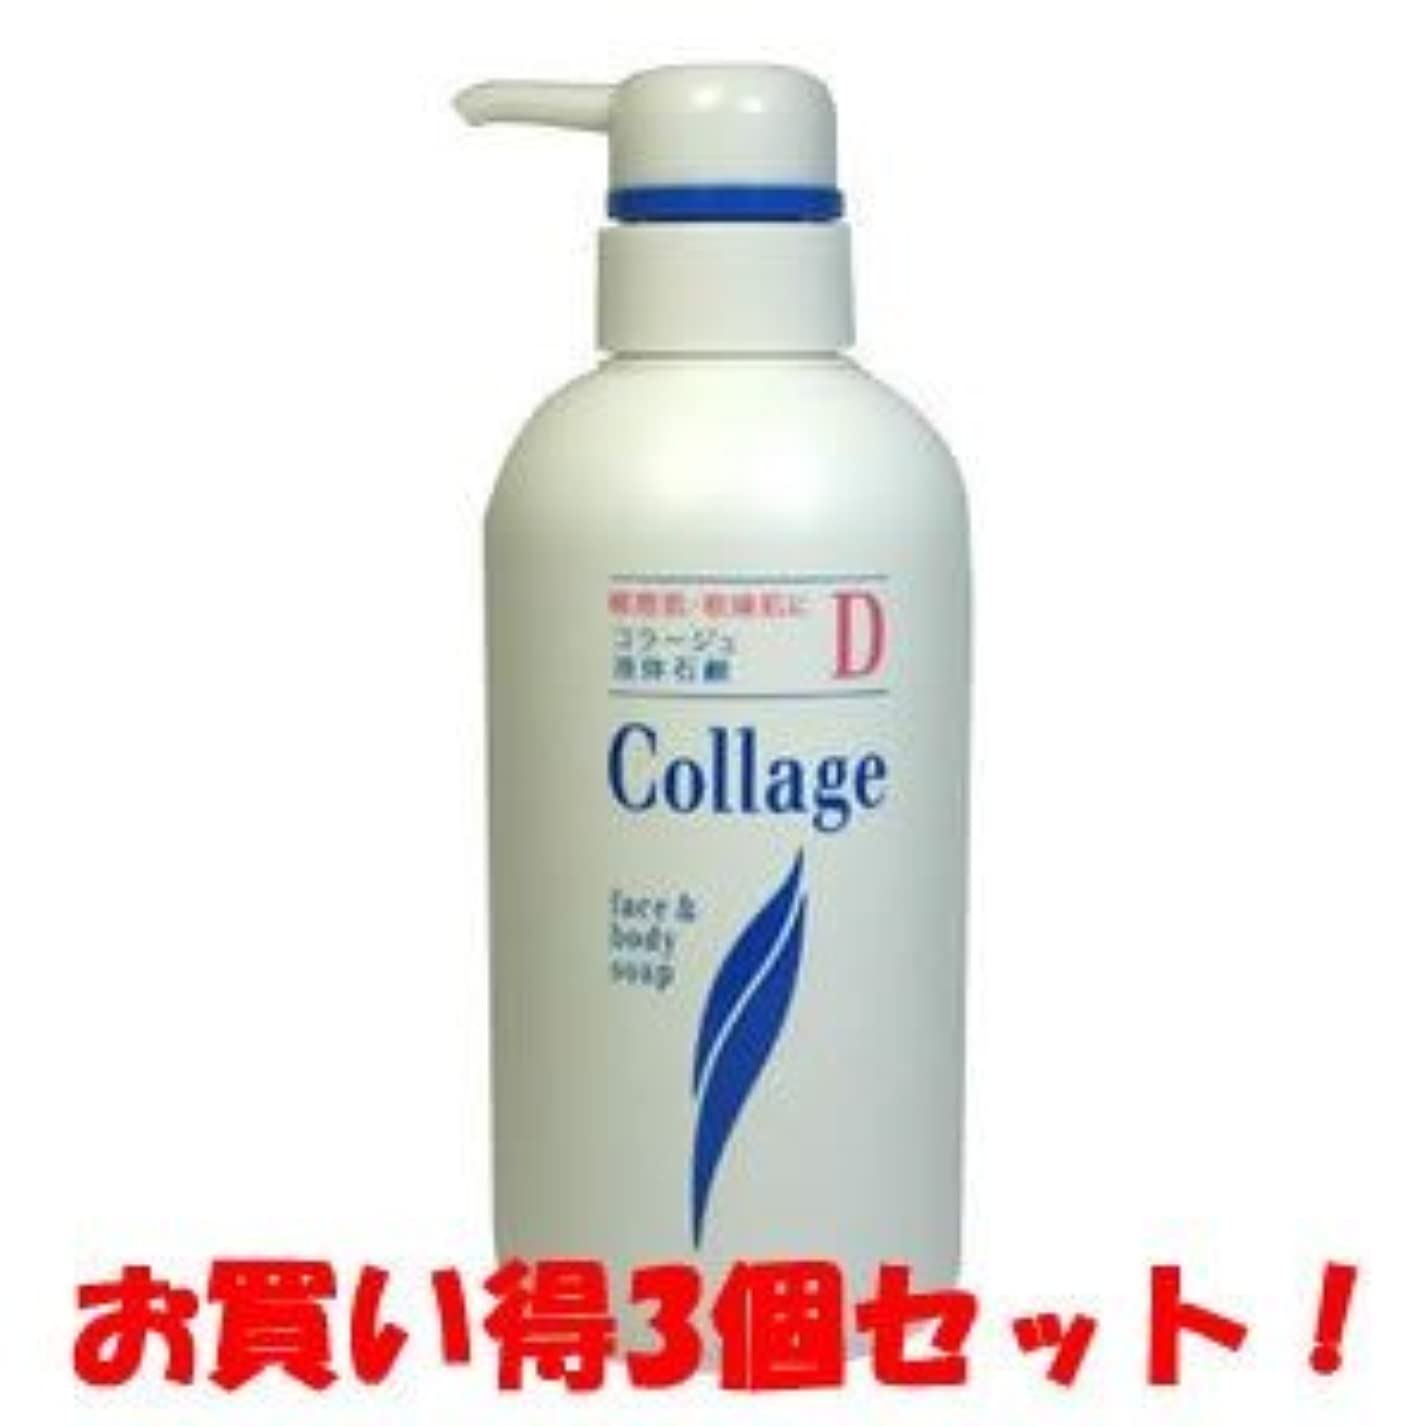 論争的プレビュー熱(持田ヘルスケア)コラージュD 液体石鹸 敏感肌?乾燥肌 400ml(お買い得3個セット)